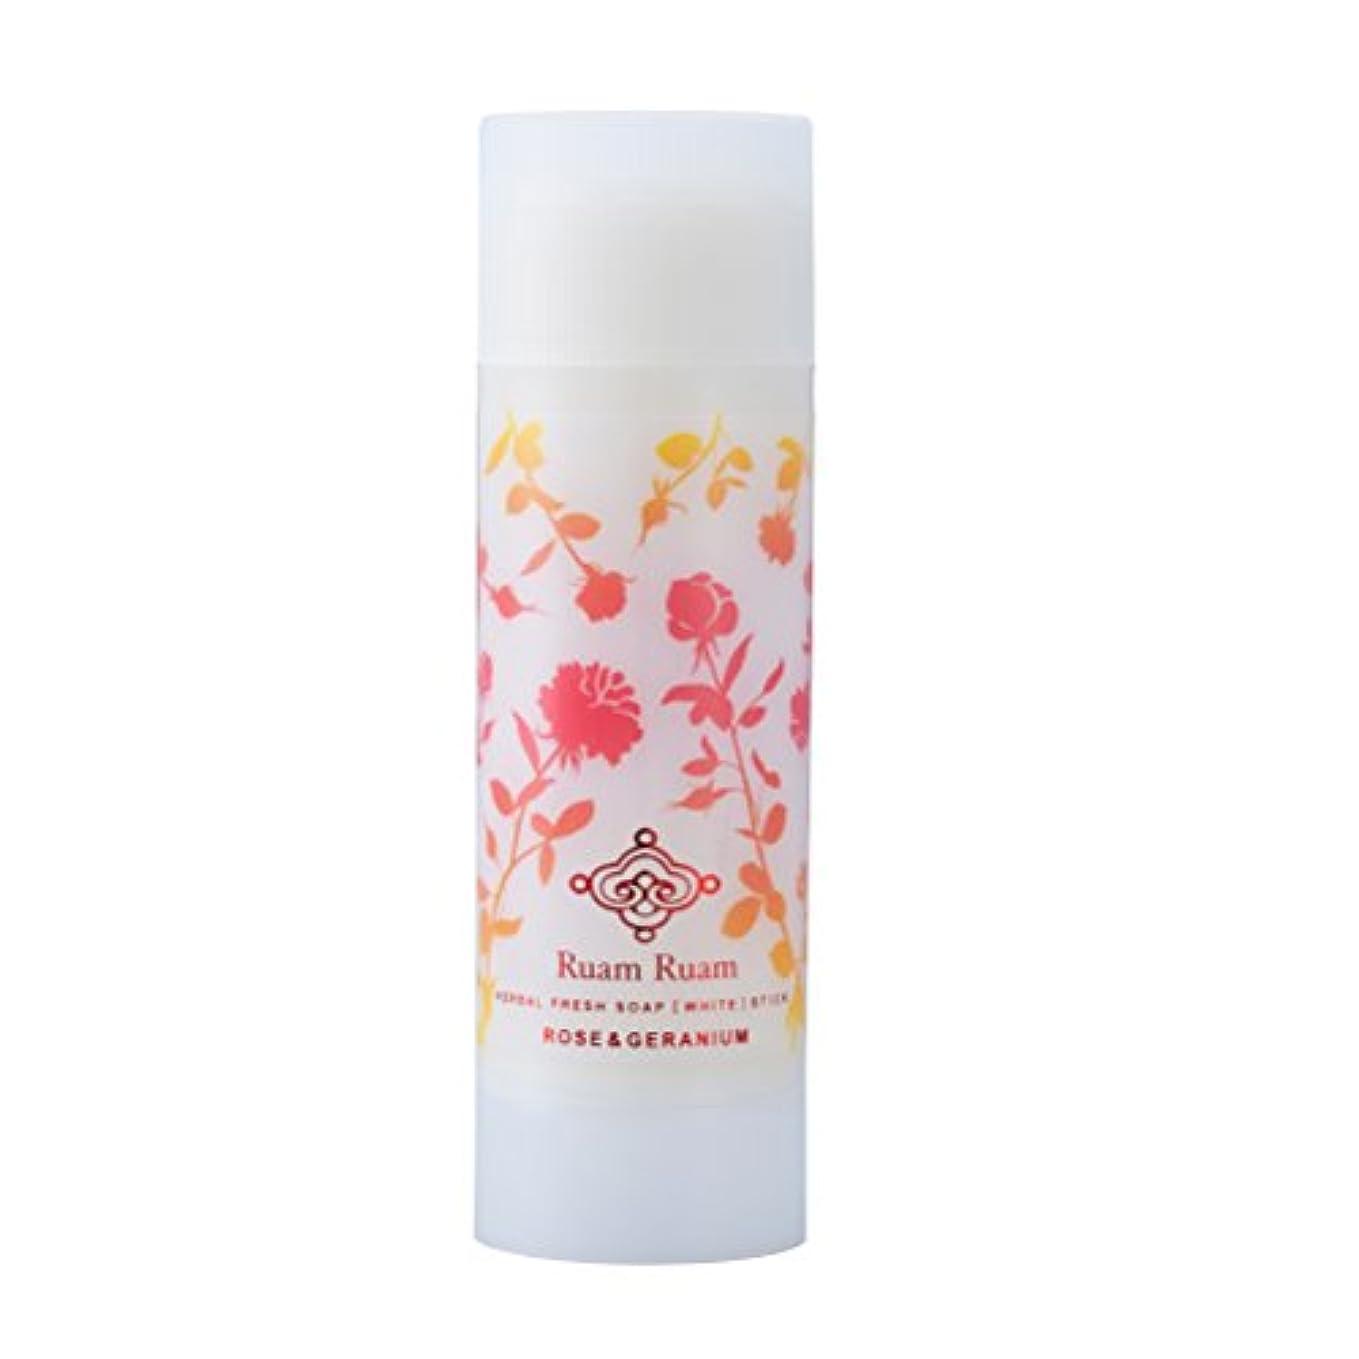 ドメインずるいティーンエイジャールアンルアン(Ruam Ruam) 洗顔石鹸(白) ローズアンドゼラニウム 90g